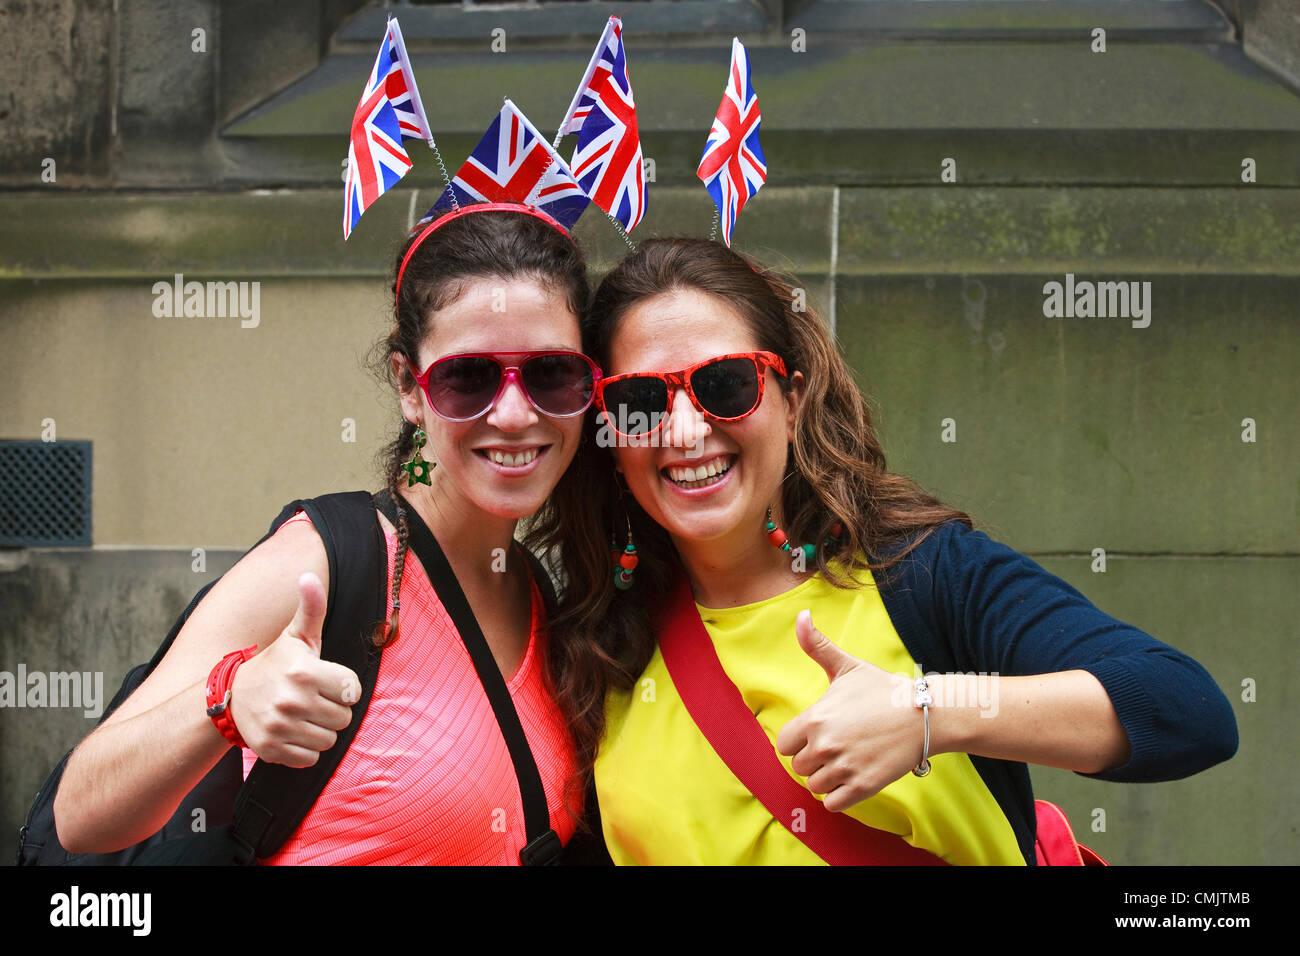 18 août 2012 Noemi Honoz et Raquel Sanchez, deux filles espagnoles, en vacances à Édimbourg, la visite Photo Stock